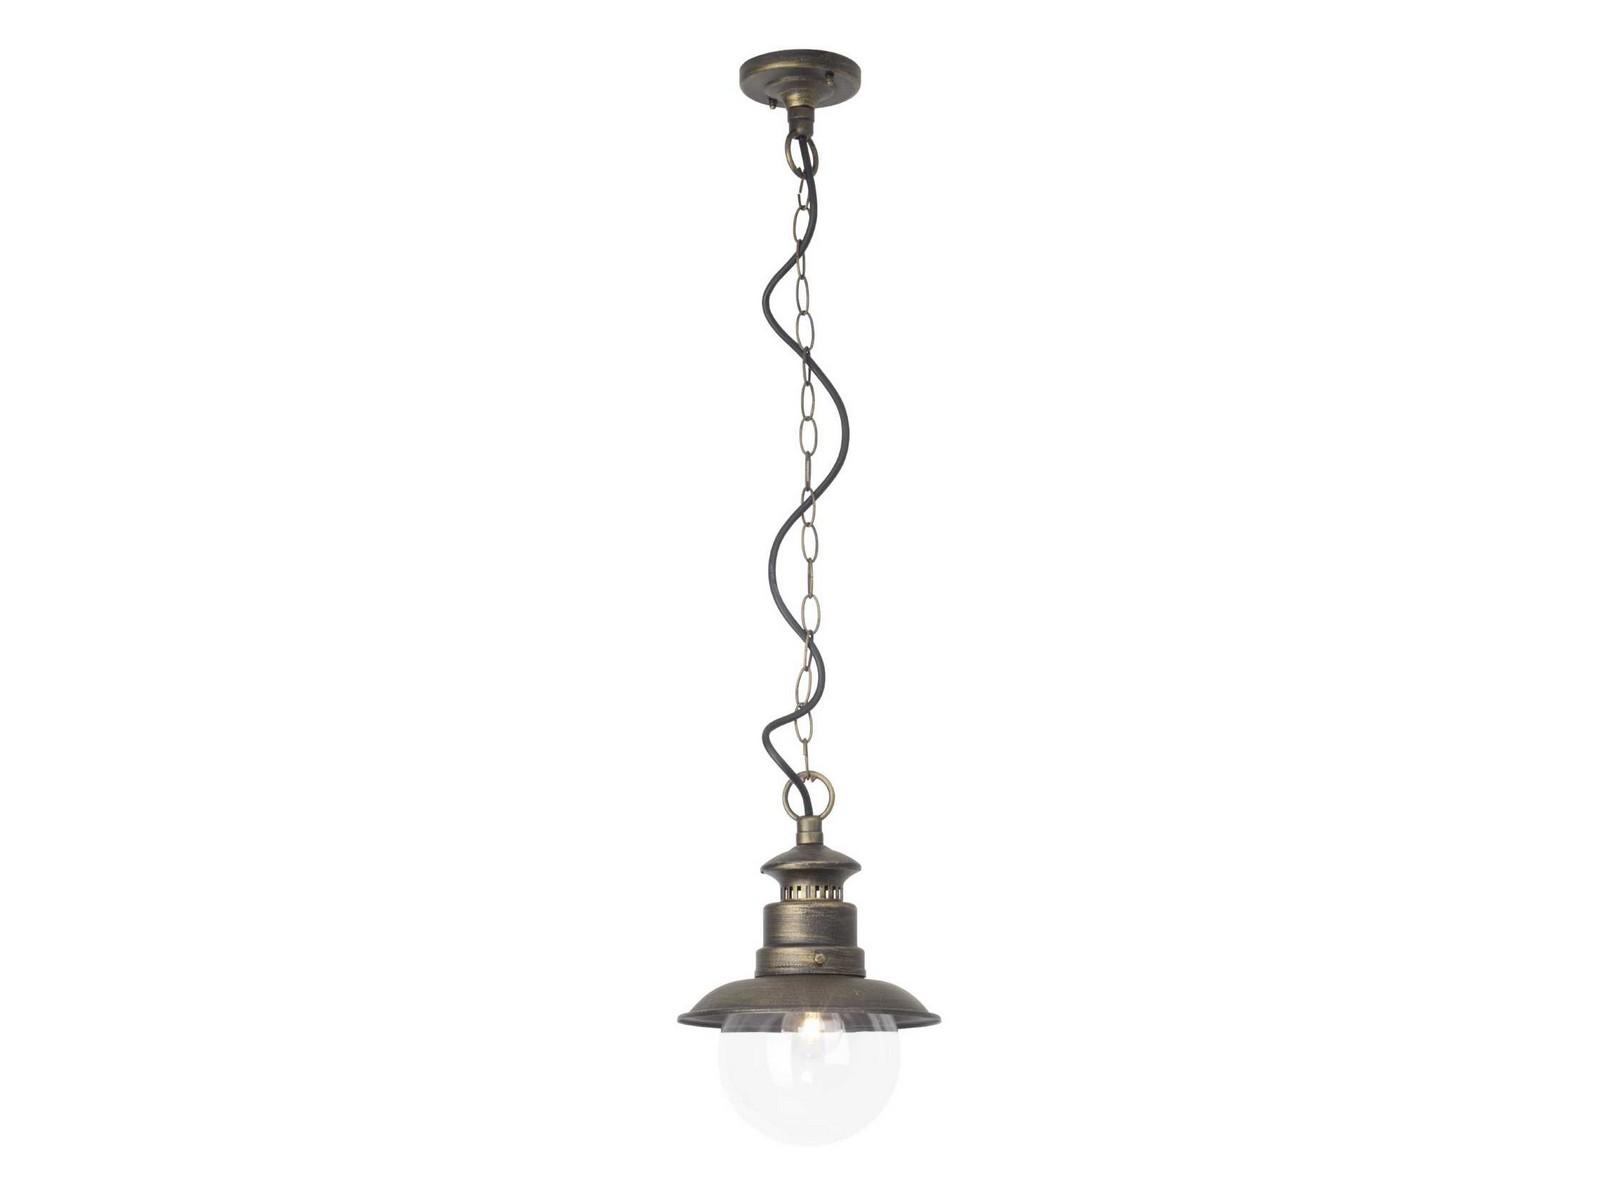 Светильник ArtuПодвесные светильники<br>&amp;lt;div&amp;gt;Вид цоколя: Е27&amp;lt;/div&amp;gt;&amp;lt;div&amp;gt;Мощность лампы: 60W&amp;lt;/div&amp;gt;&amp;lt;div&amp;gt;Количество ламп: 1&amp;lt;/div&amp;gt;&amp;lt;div&amp;gt;Наличие ламп: нет&amp;lt;/div&amp;gt;<br><br>Material: Металл<br>Height см: 90<br>Diameter см: 21,5